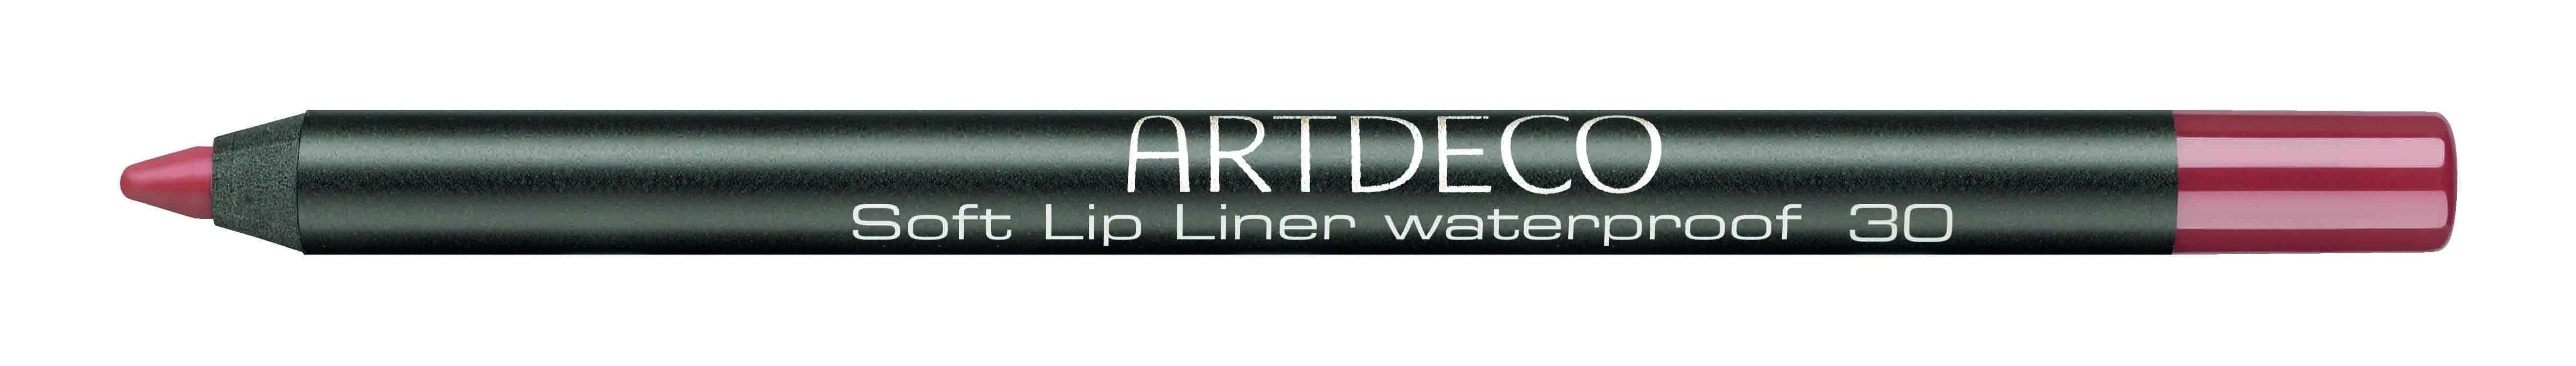 Artdeco карандаш для губ водостойкий 30 1,2гУТ000001887_TitaniaКонтур со стойкой текстурой и насыщенным цветом не позволяет растекаться помаде или блеску, помогает сделать чувственный макияж губ.